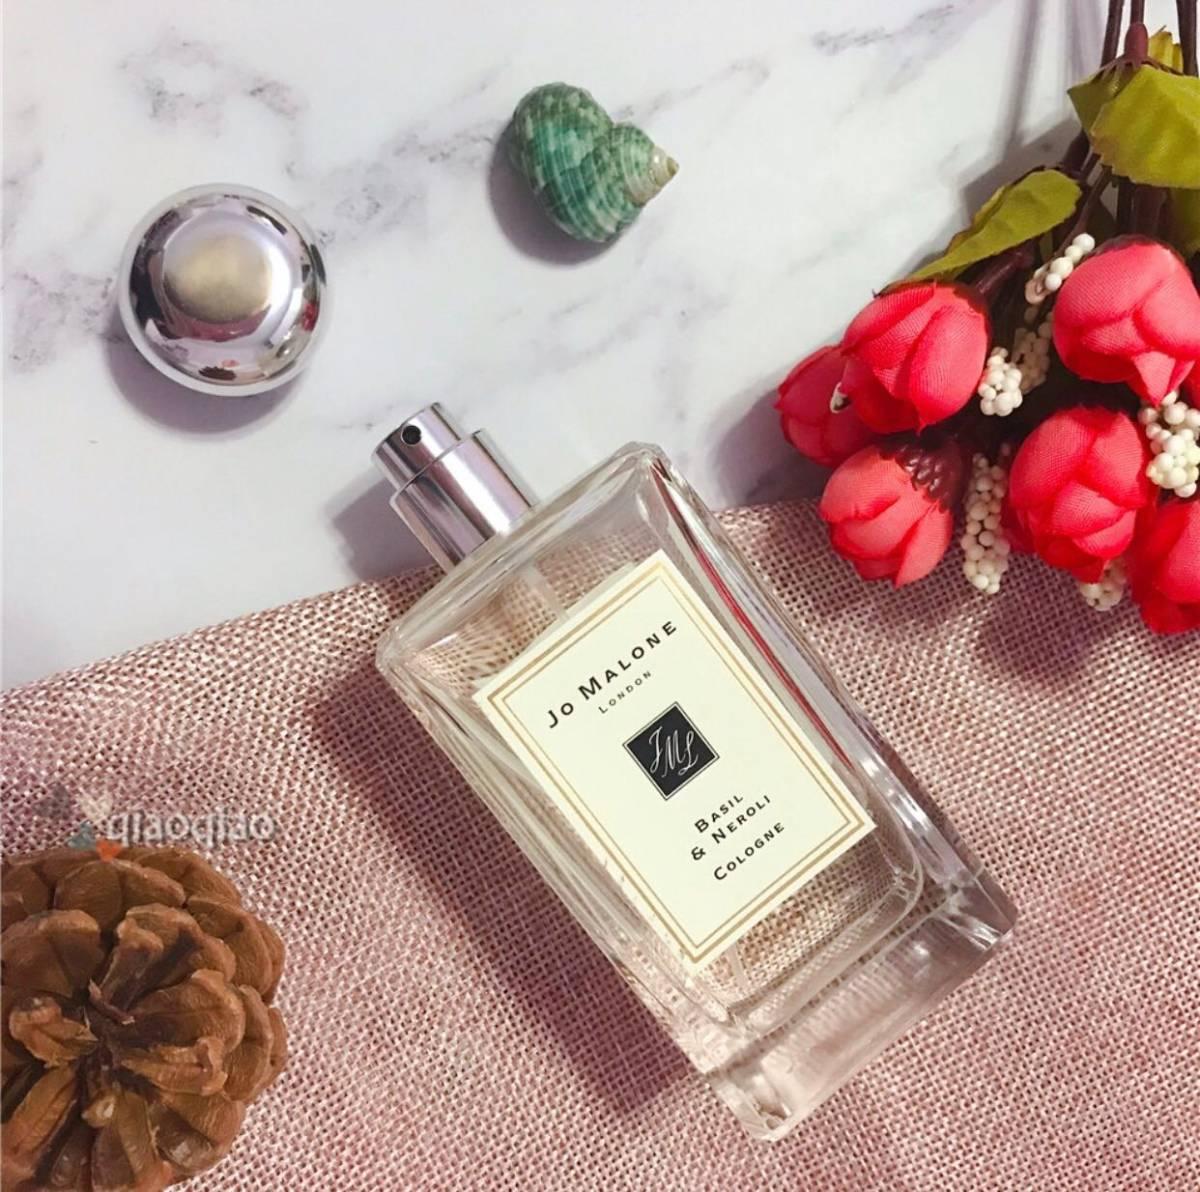 🌿推荐祖马龙值得买的10款香水 + 使用心得评测🌿  �